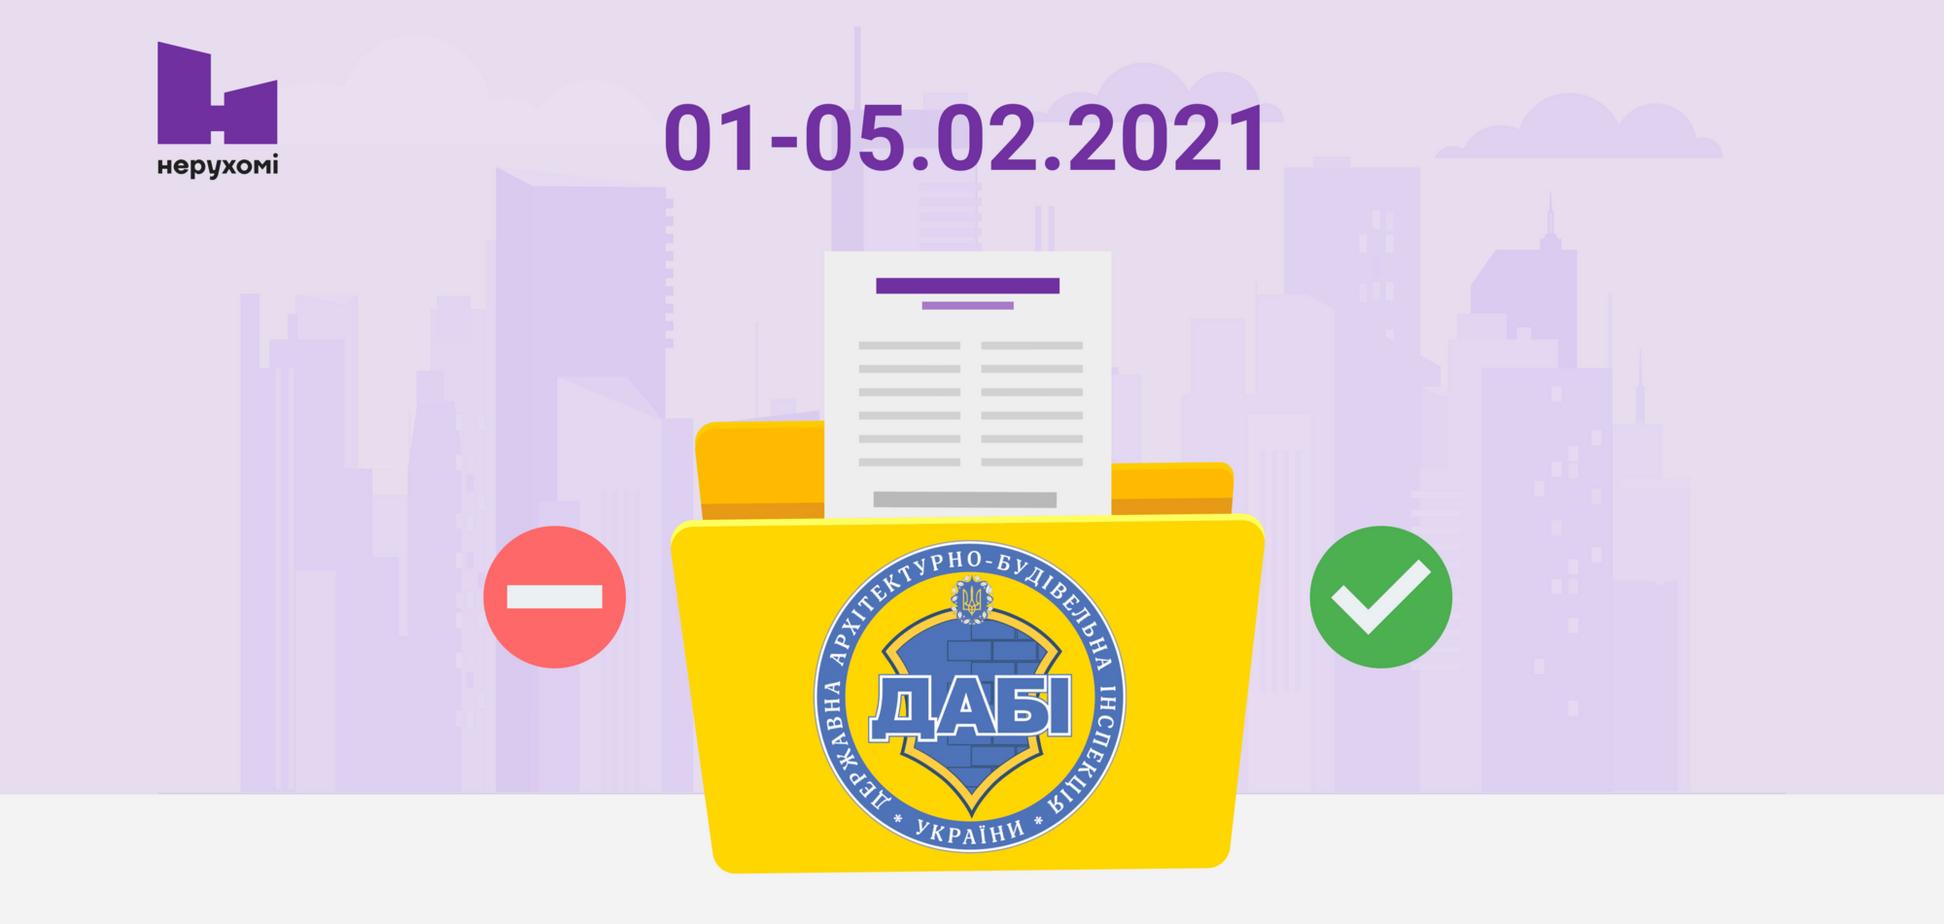 Прозрачность не приветствуется: реестр ГАСИ становится все более закрытым